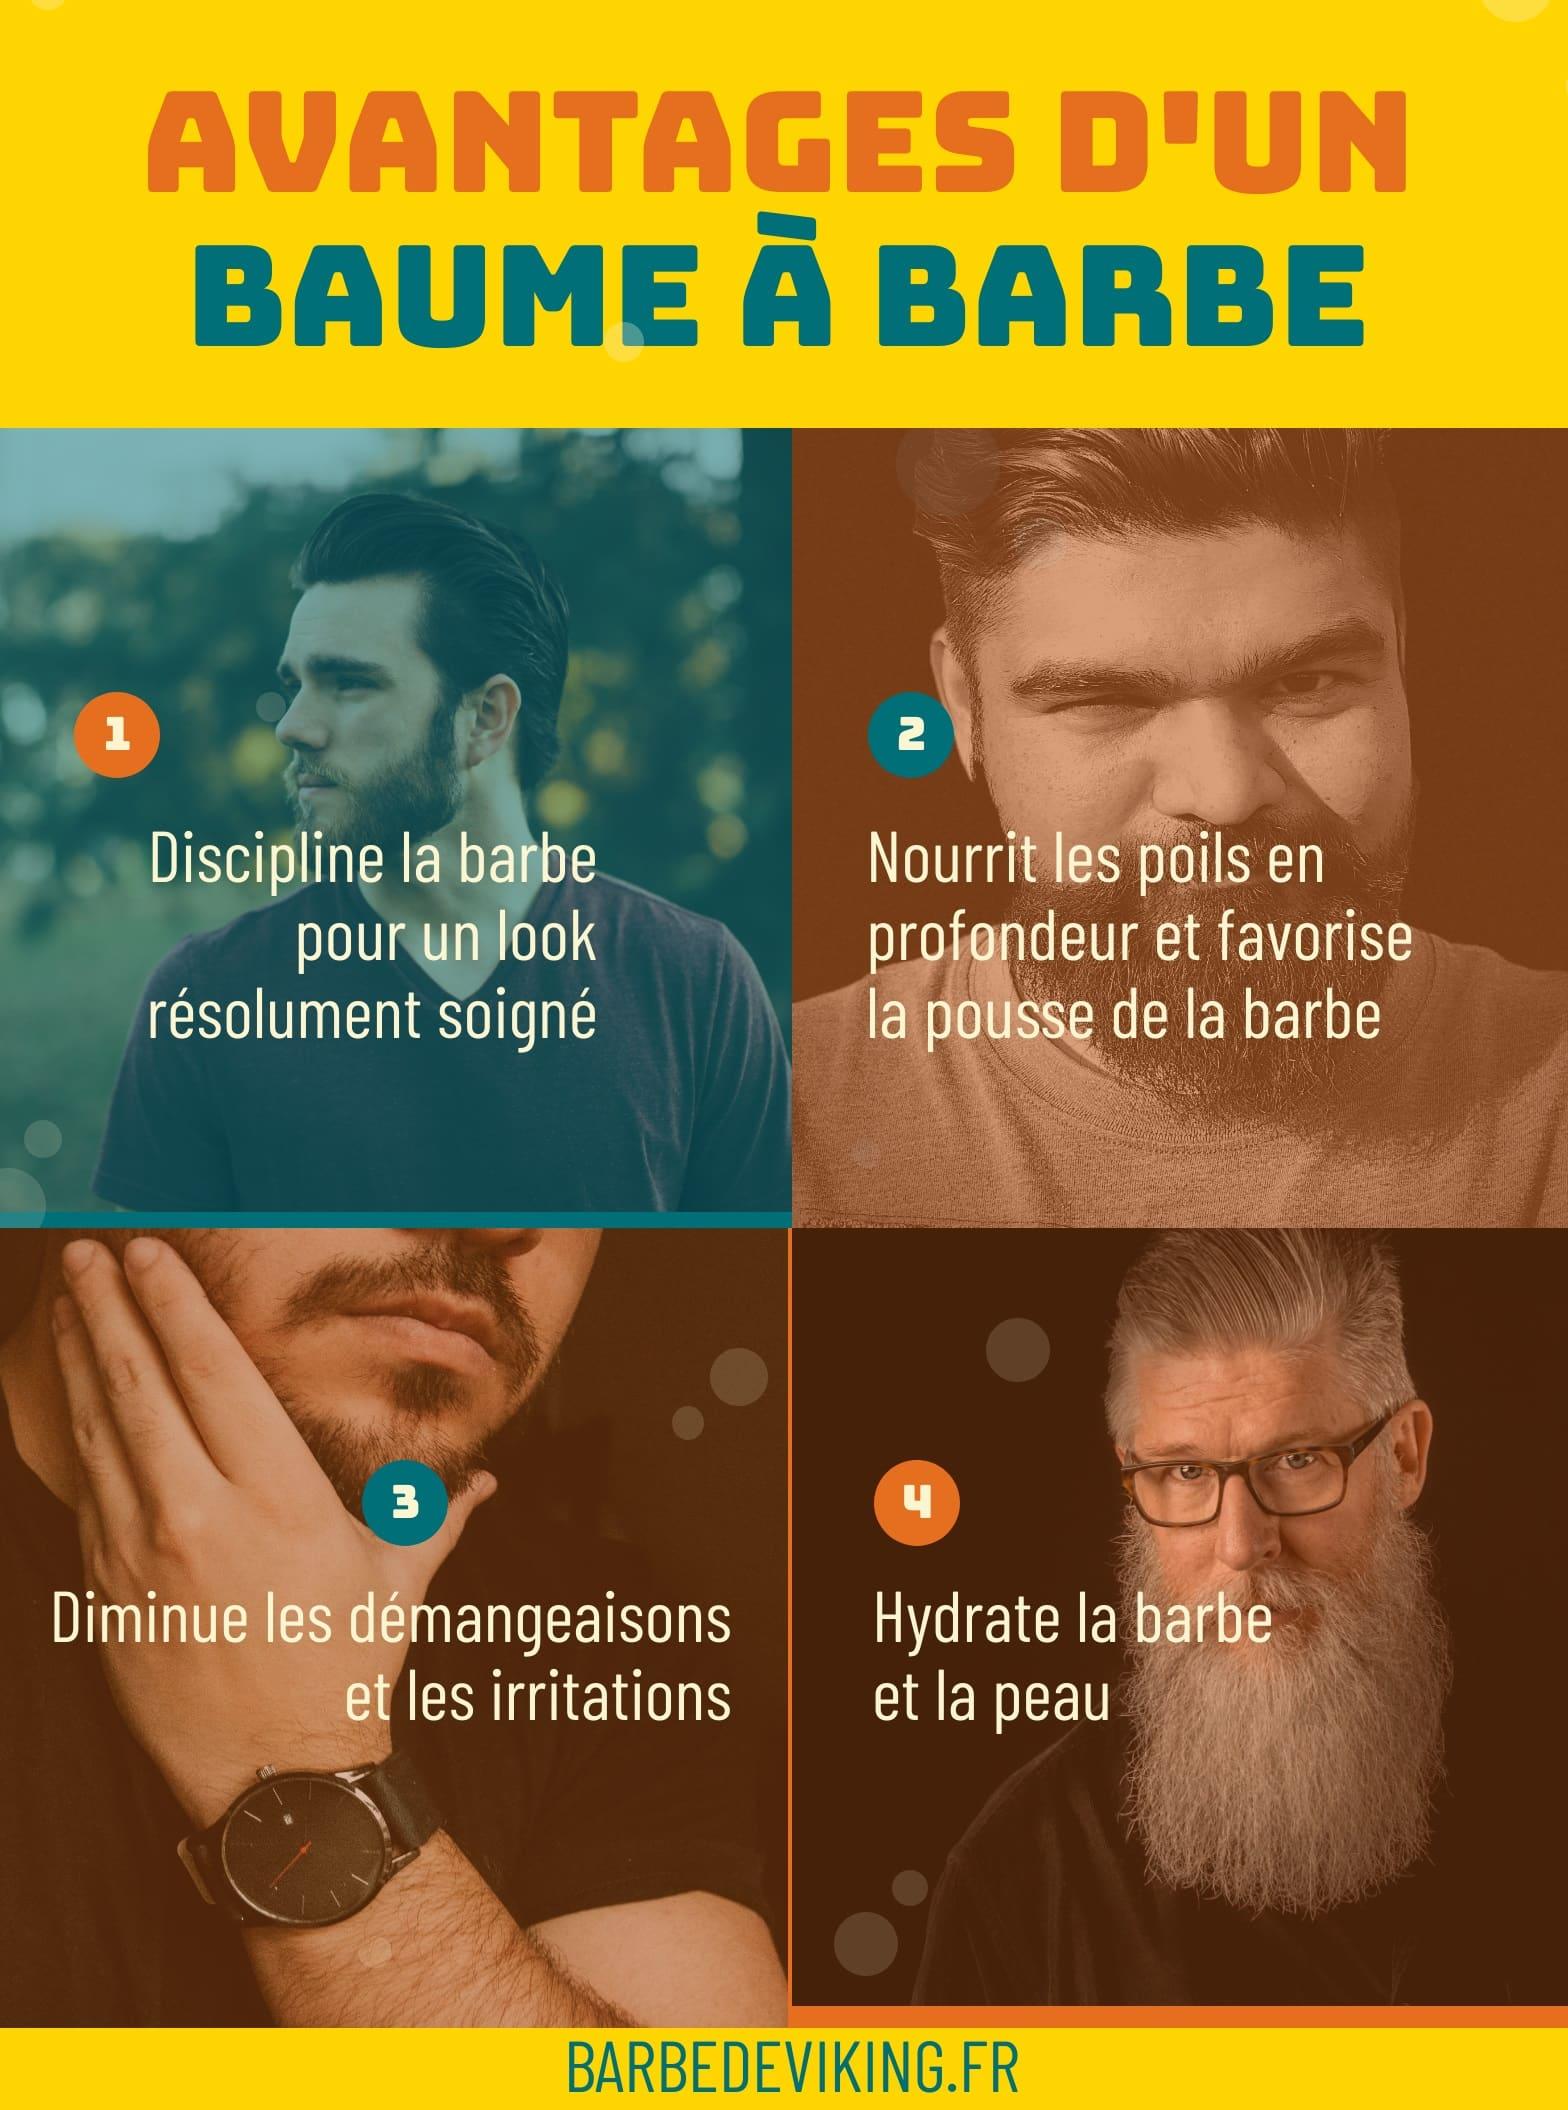 Quels sont les avantages d'un baume à barbe - infographie